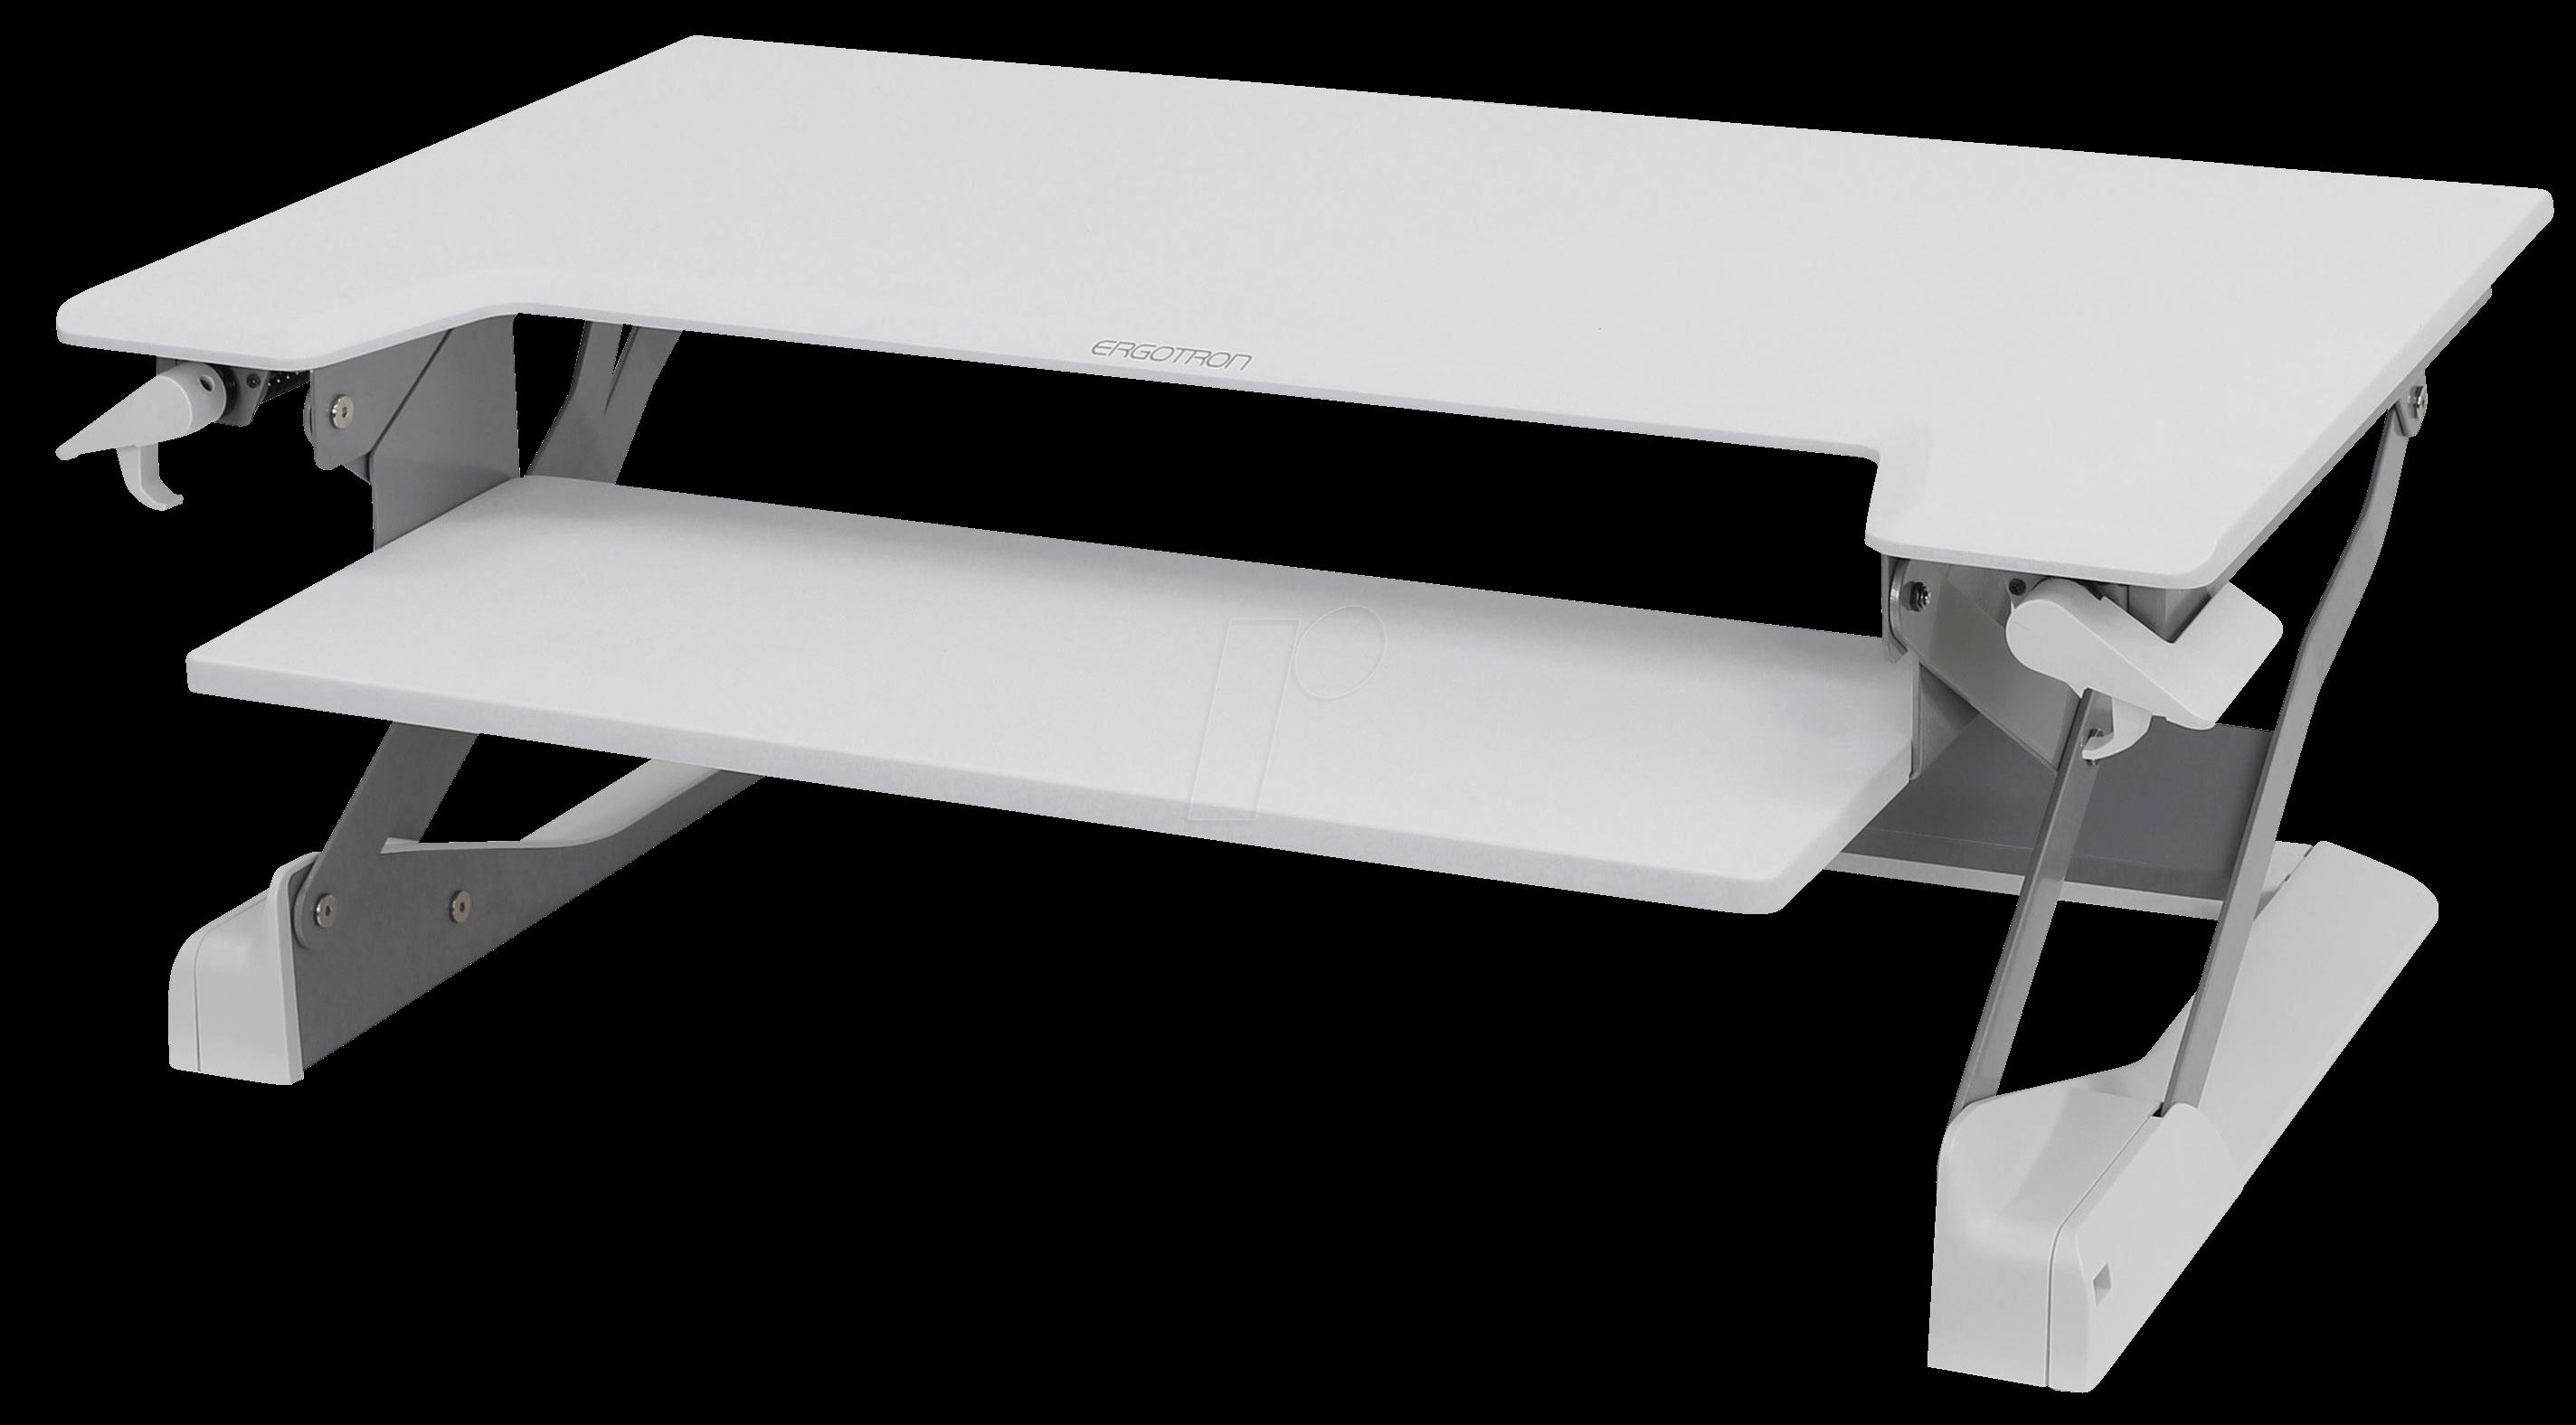 Schreibtisch Wange Preisvergleich • Die besten Angebote online kaufen